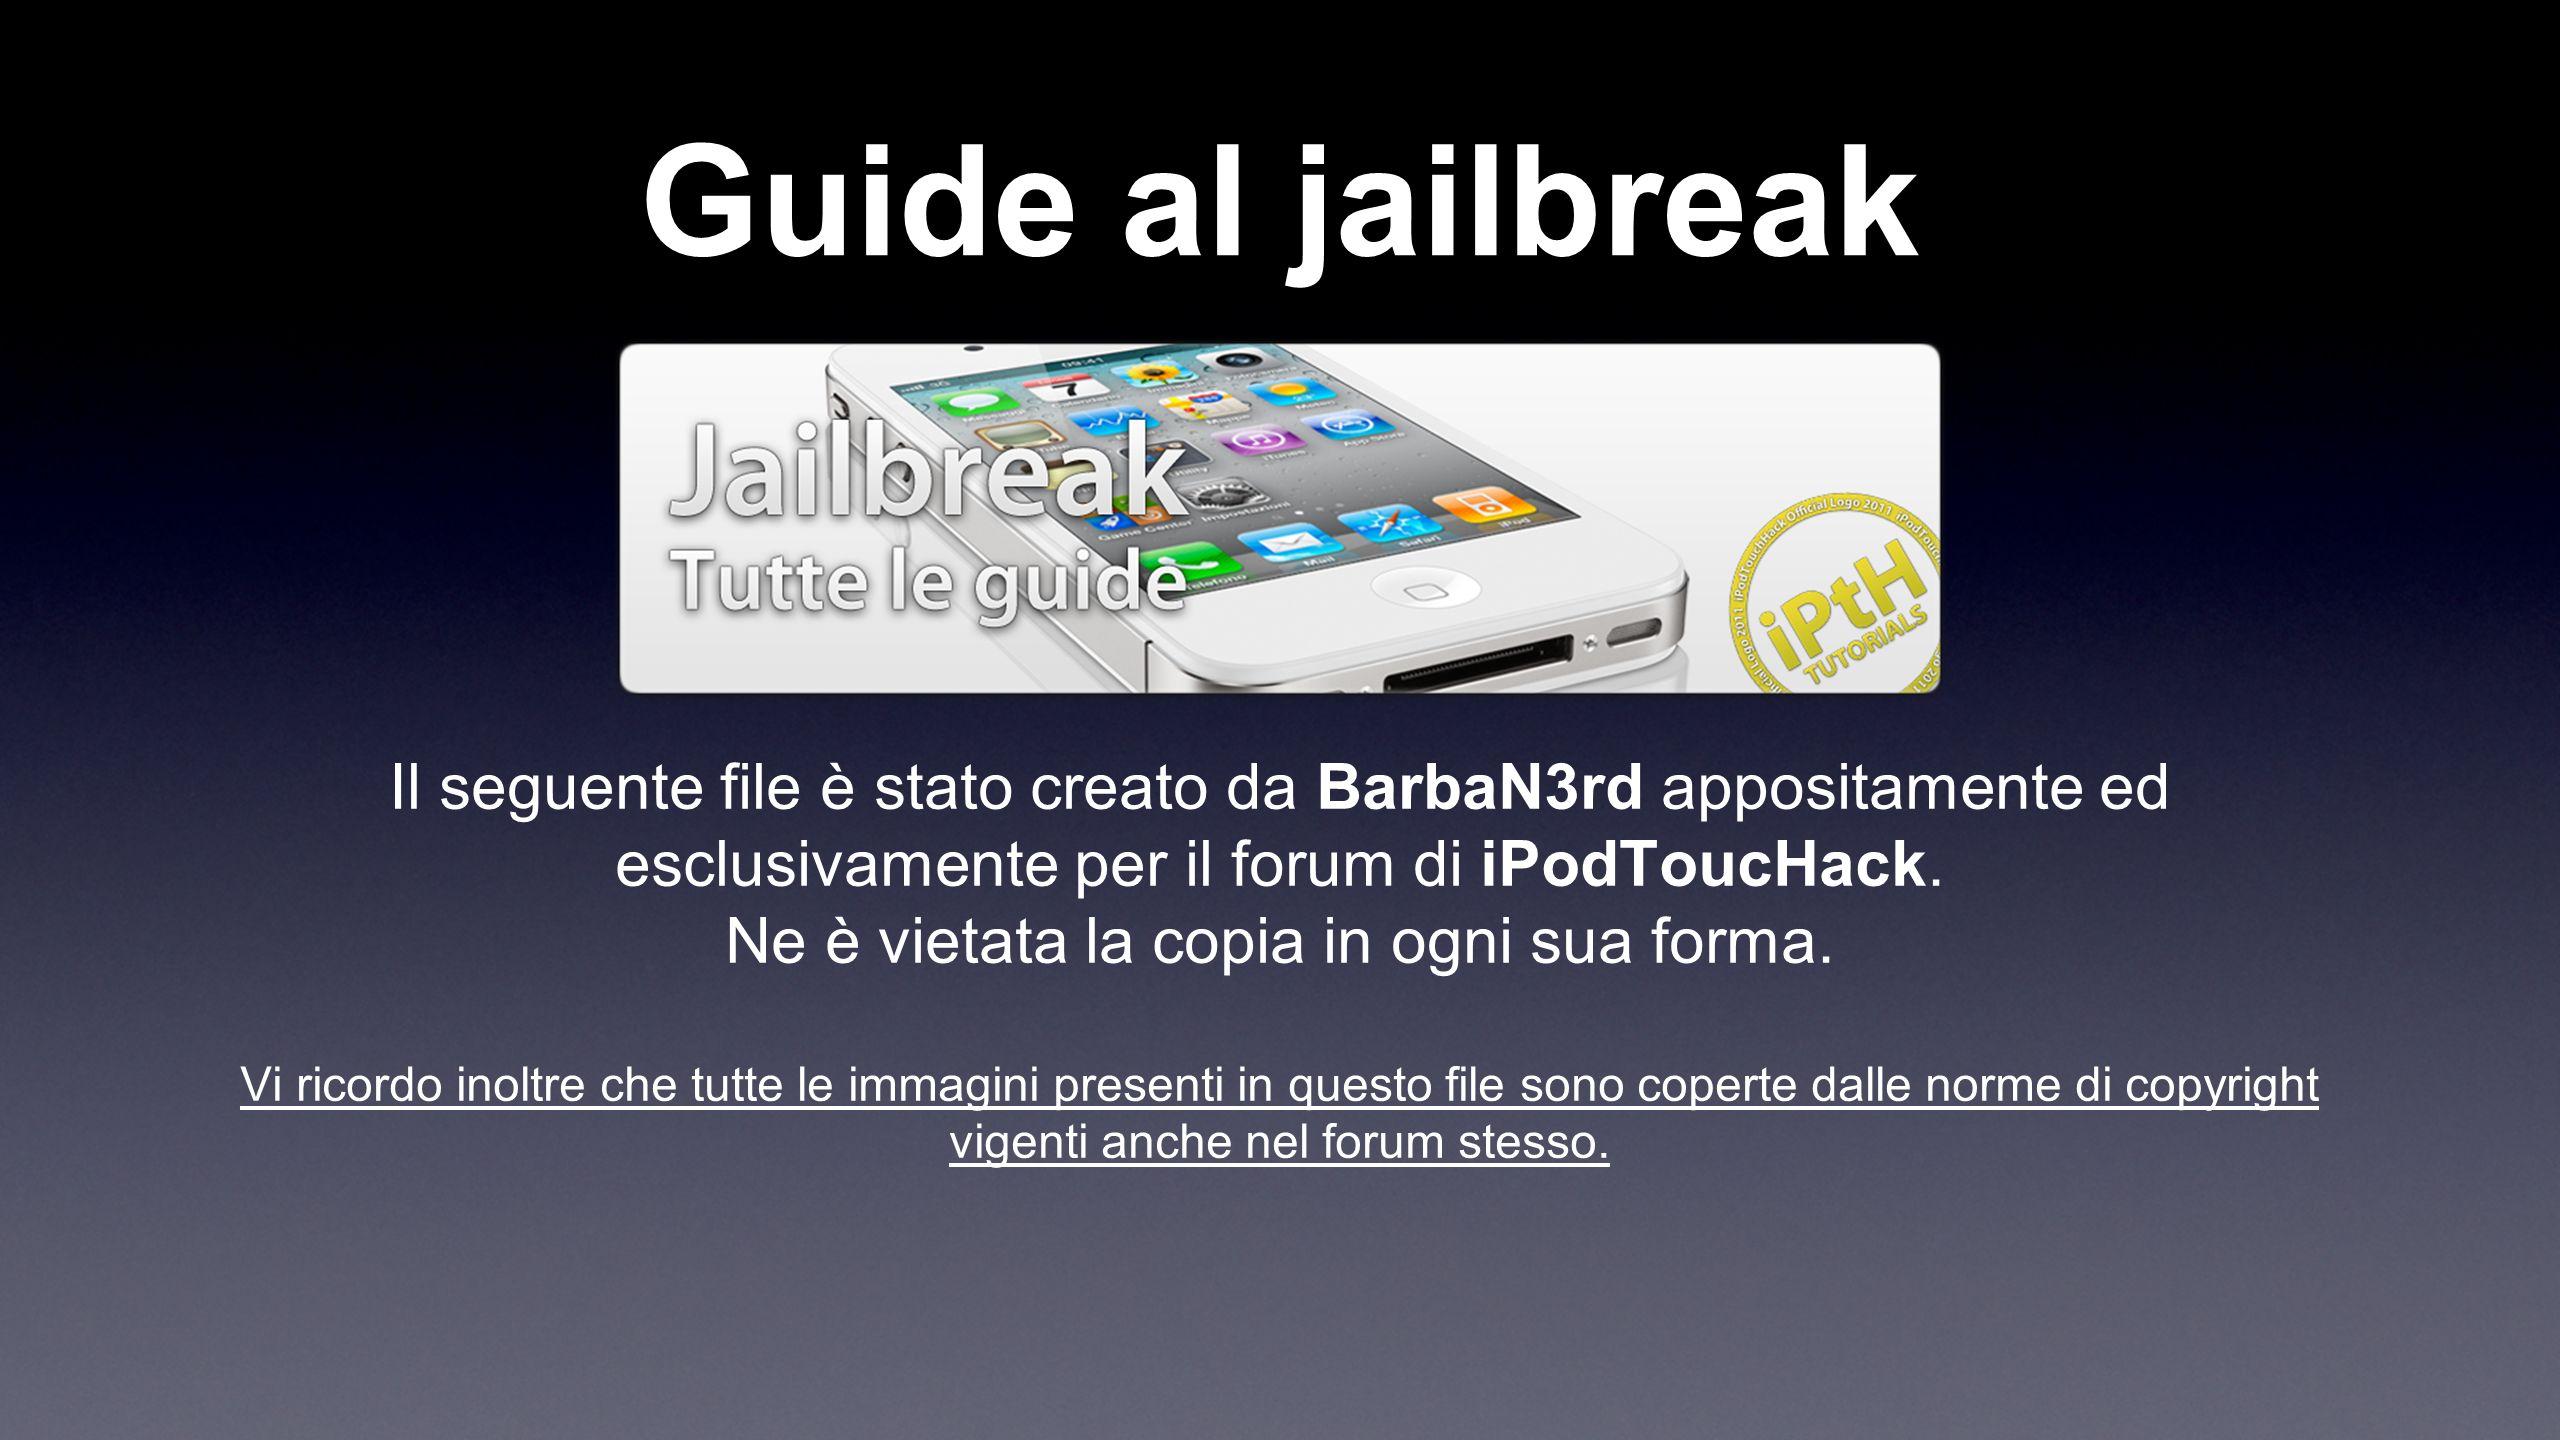 Guide al jailbreak Il seguente file è stato creato da BarbaN3rd appositamente ed esclusivamente per il forum di iPodToucHack.